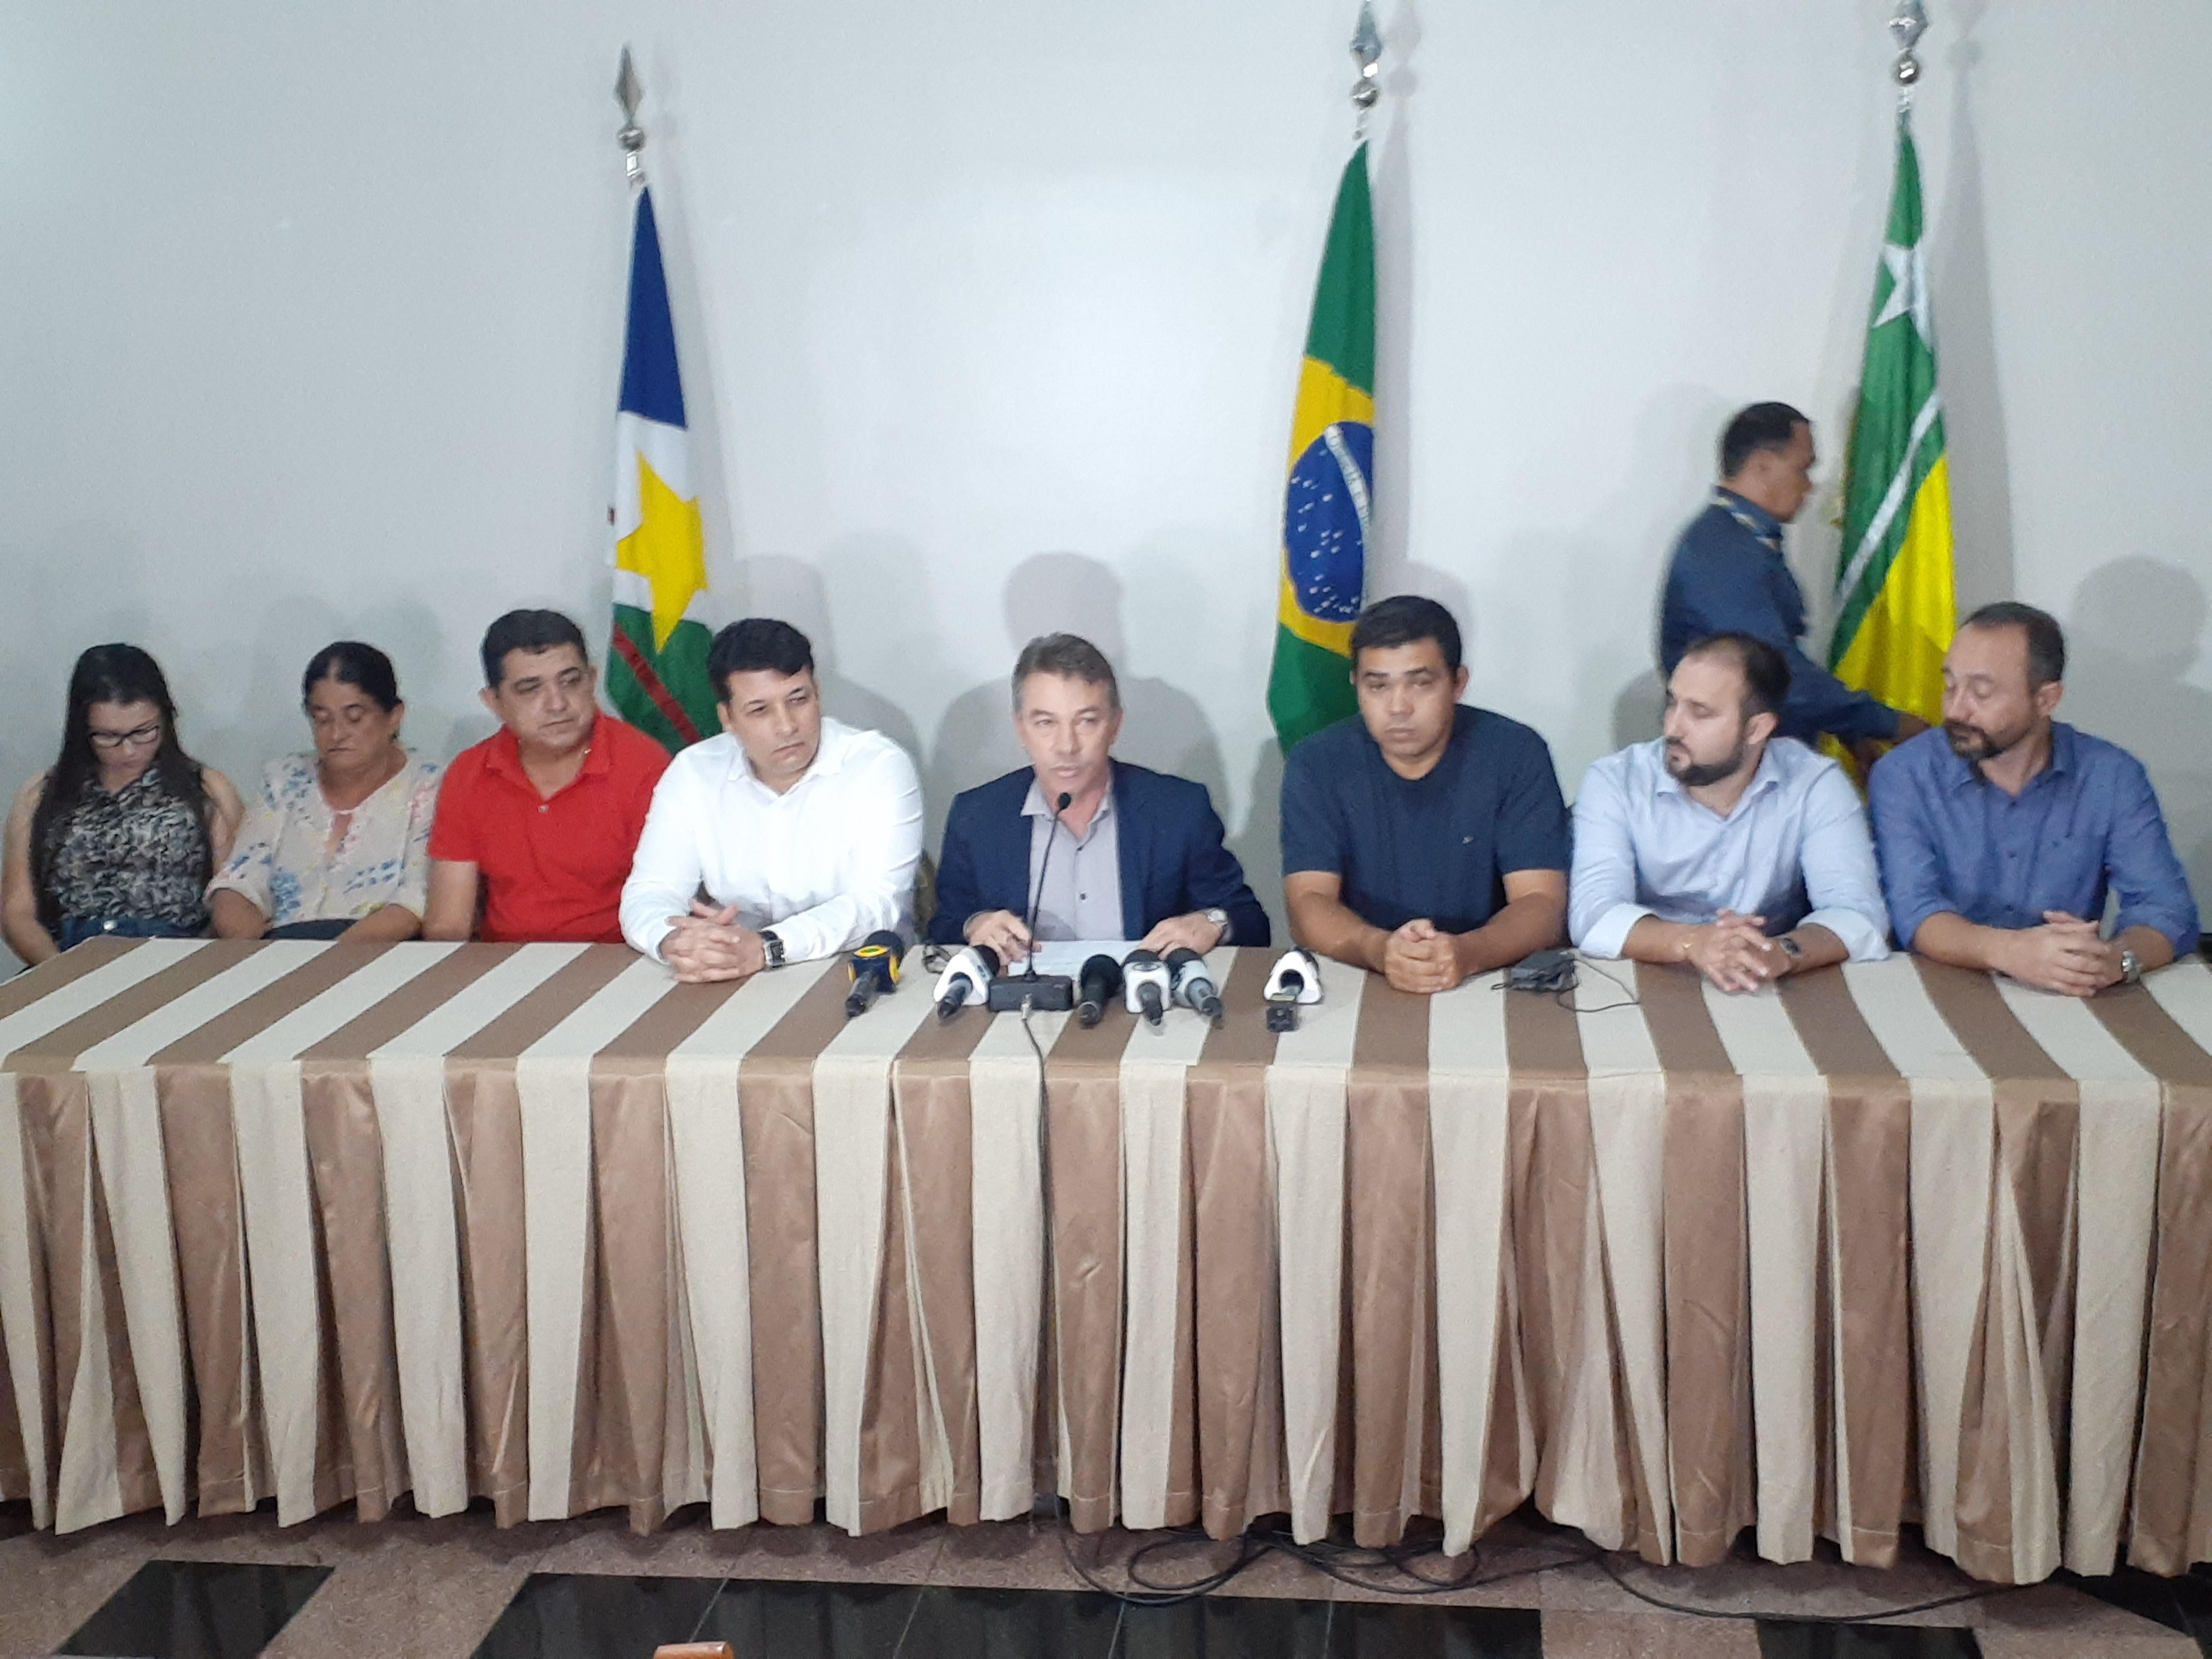 Governo de RR anuncia concurso público com 100 vagas para agente penitenciário em 2020 - Notícias - Plantão Diário